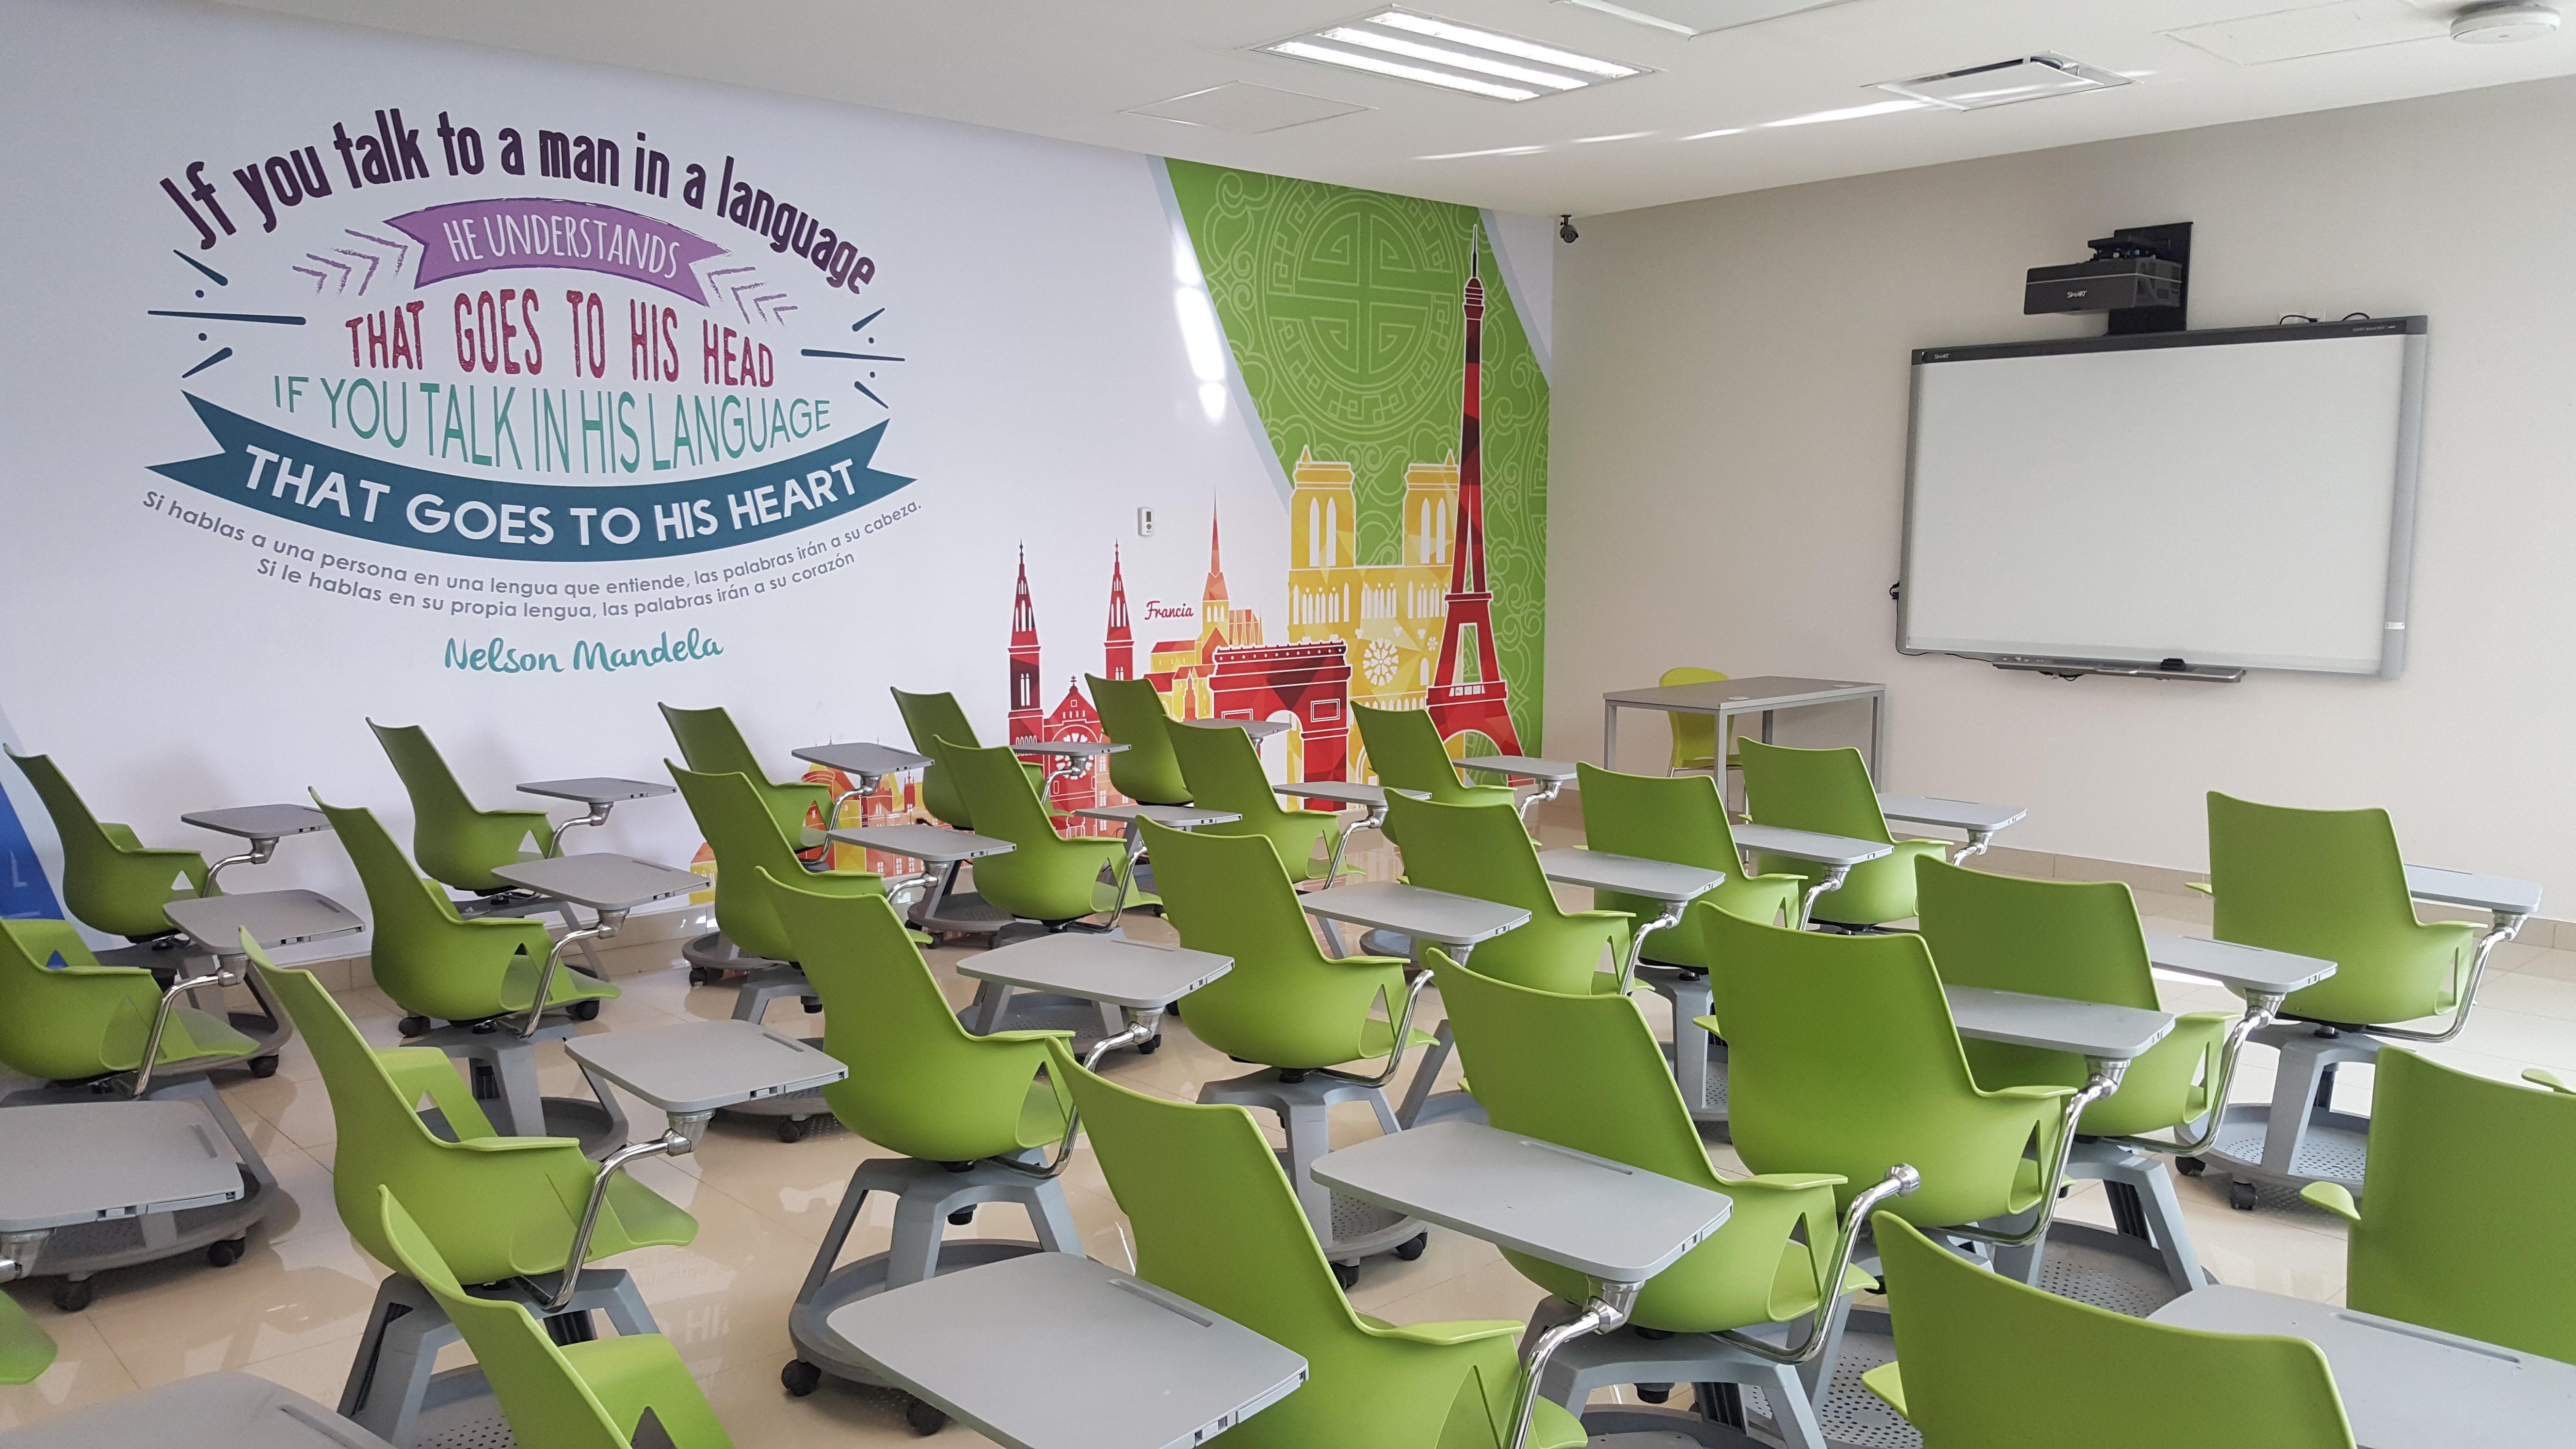 Aula del centro global de idiomas